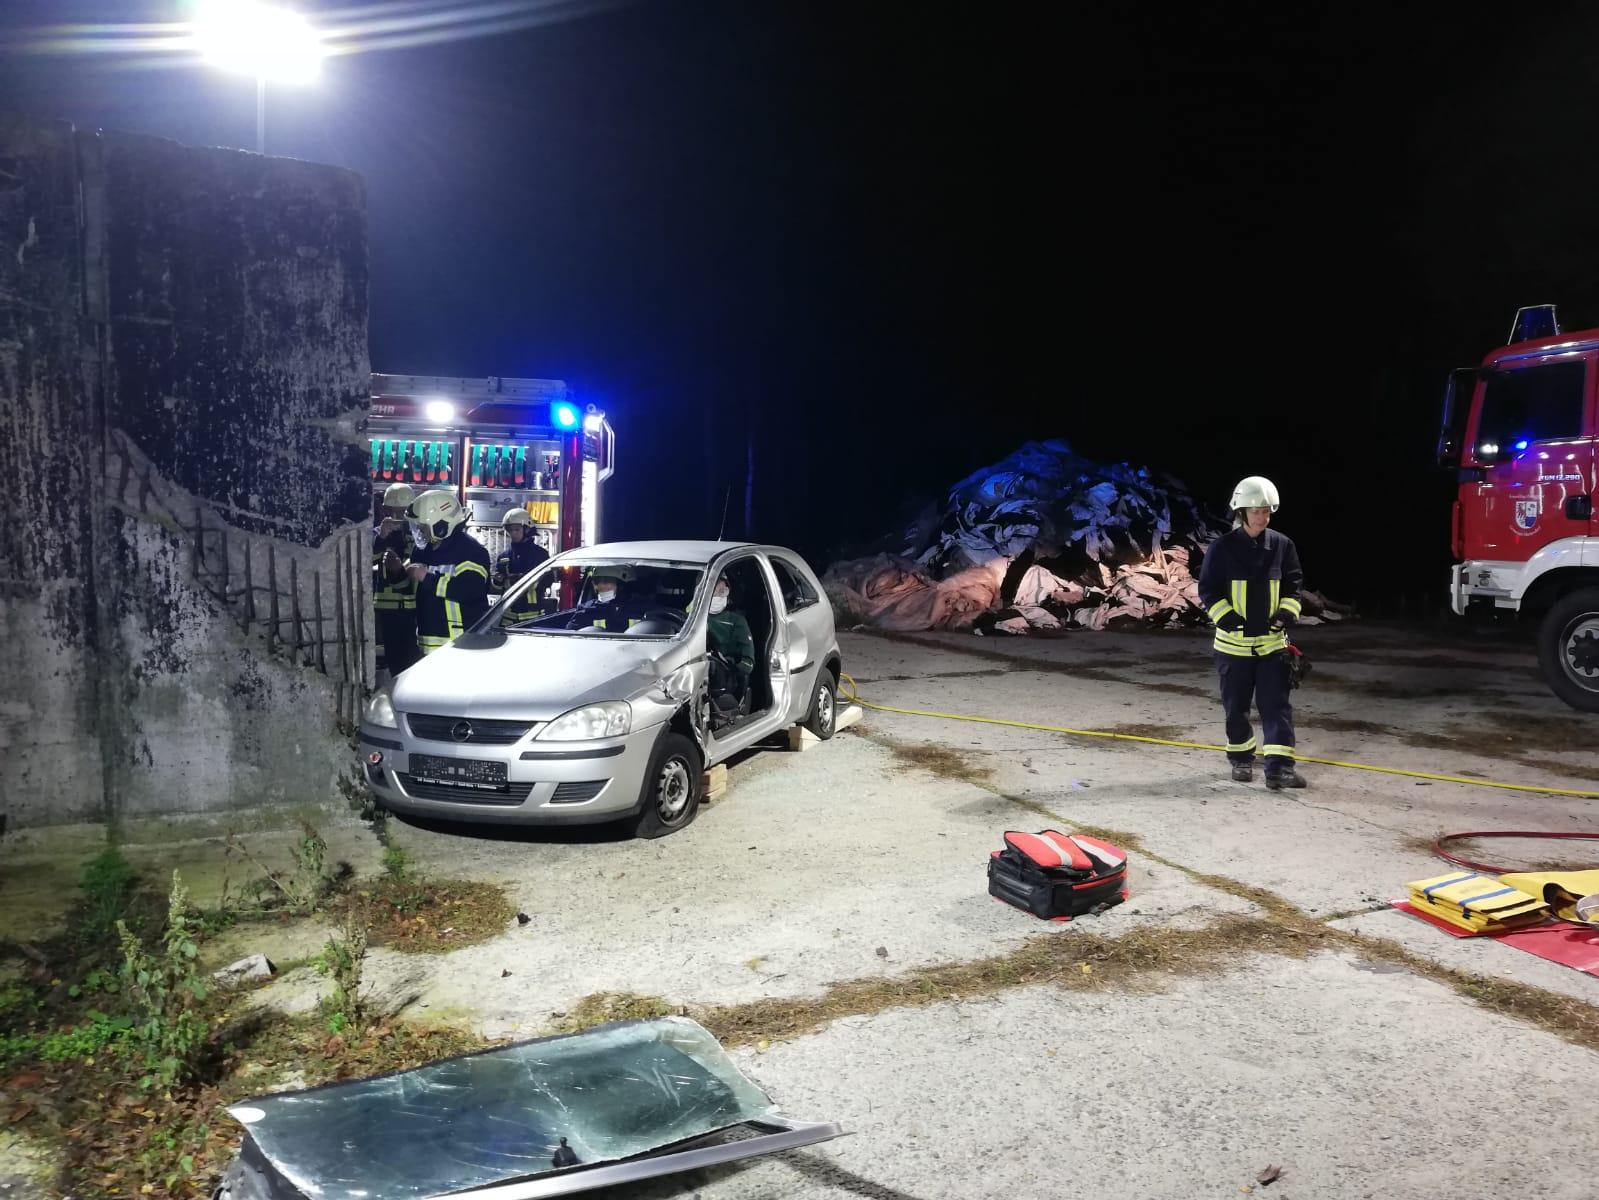 2019-10-23_Feuerwehr-trainiert-Verkehrsunfallhilfe_12